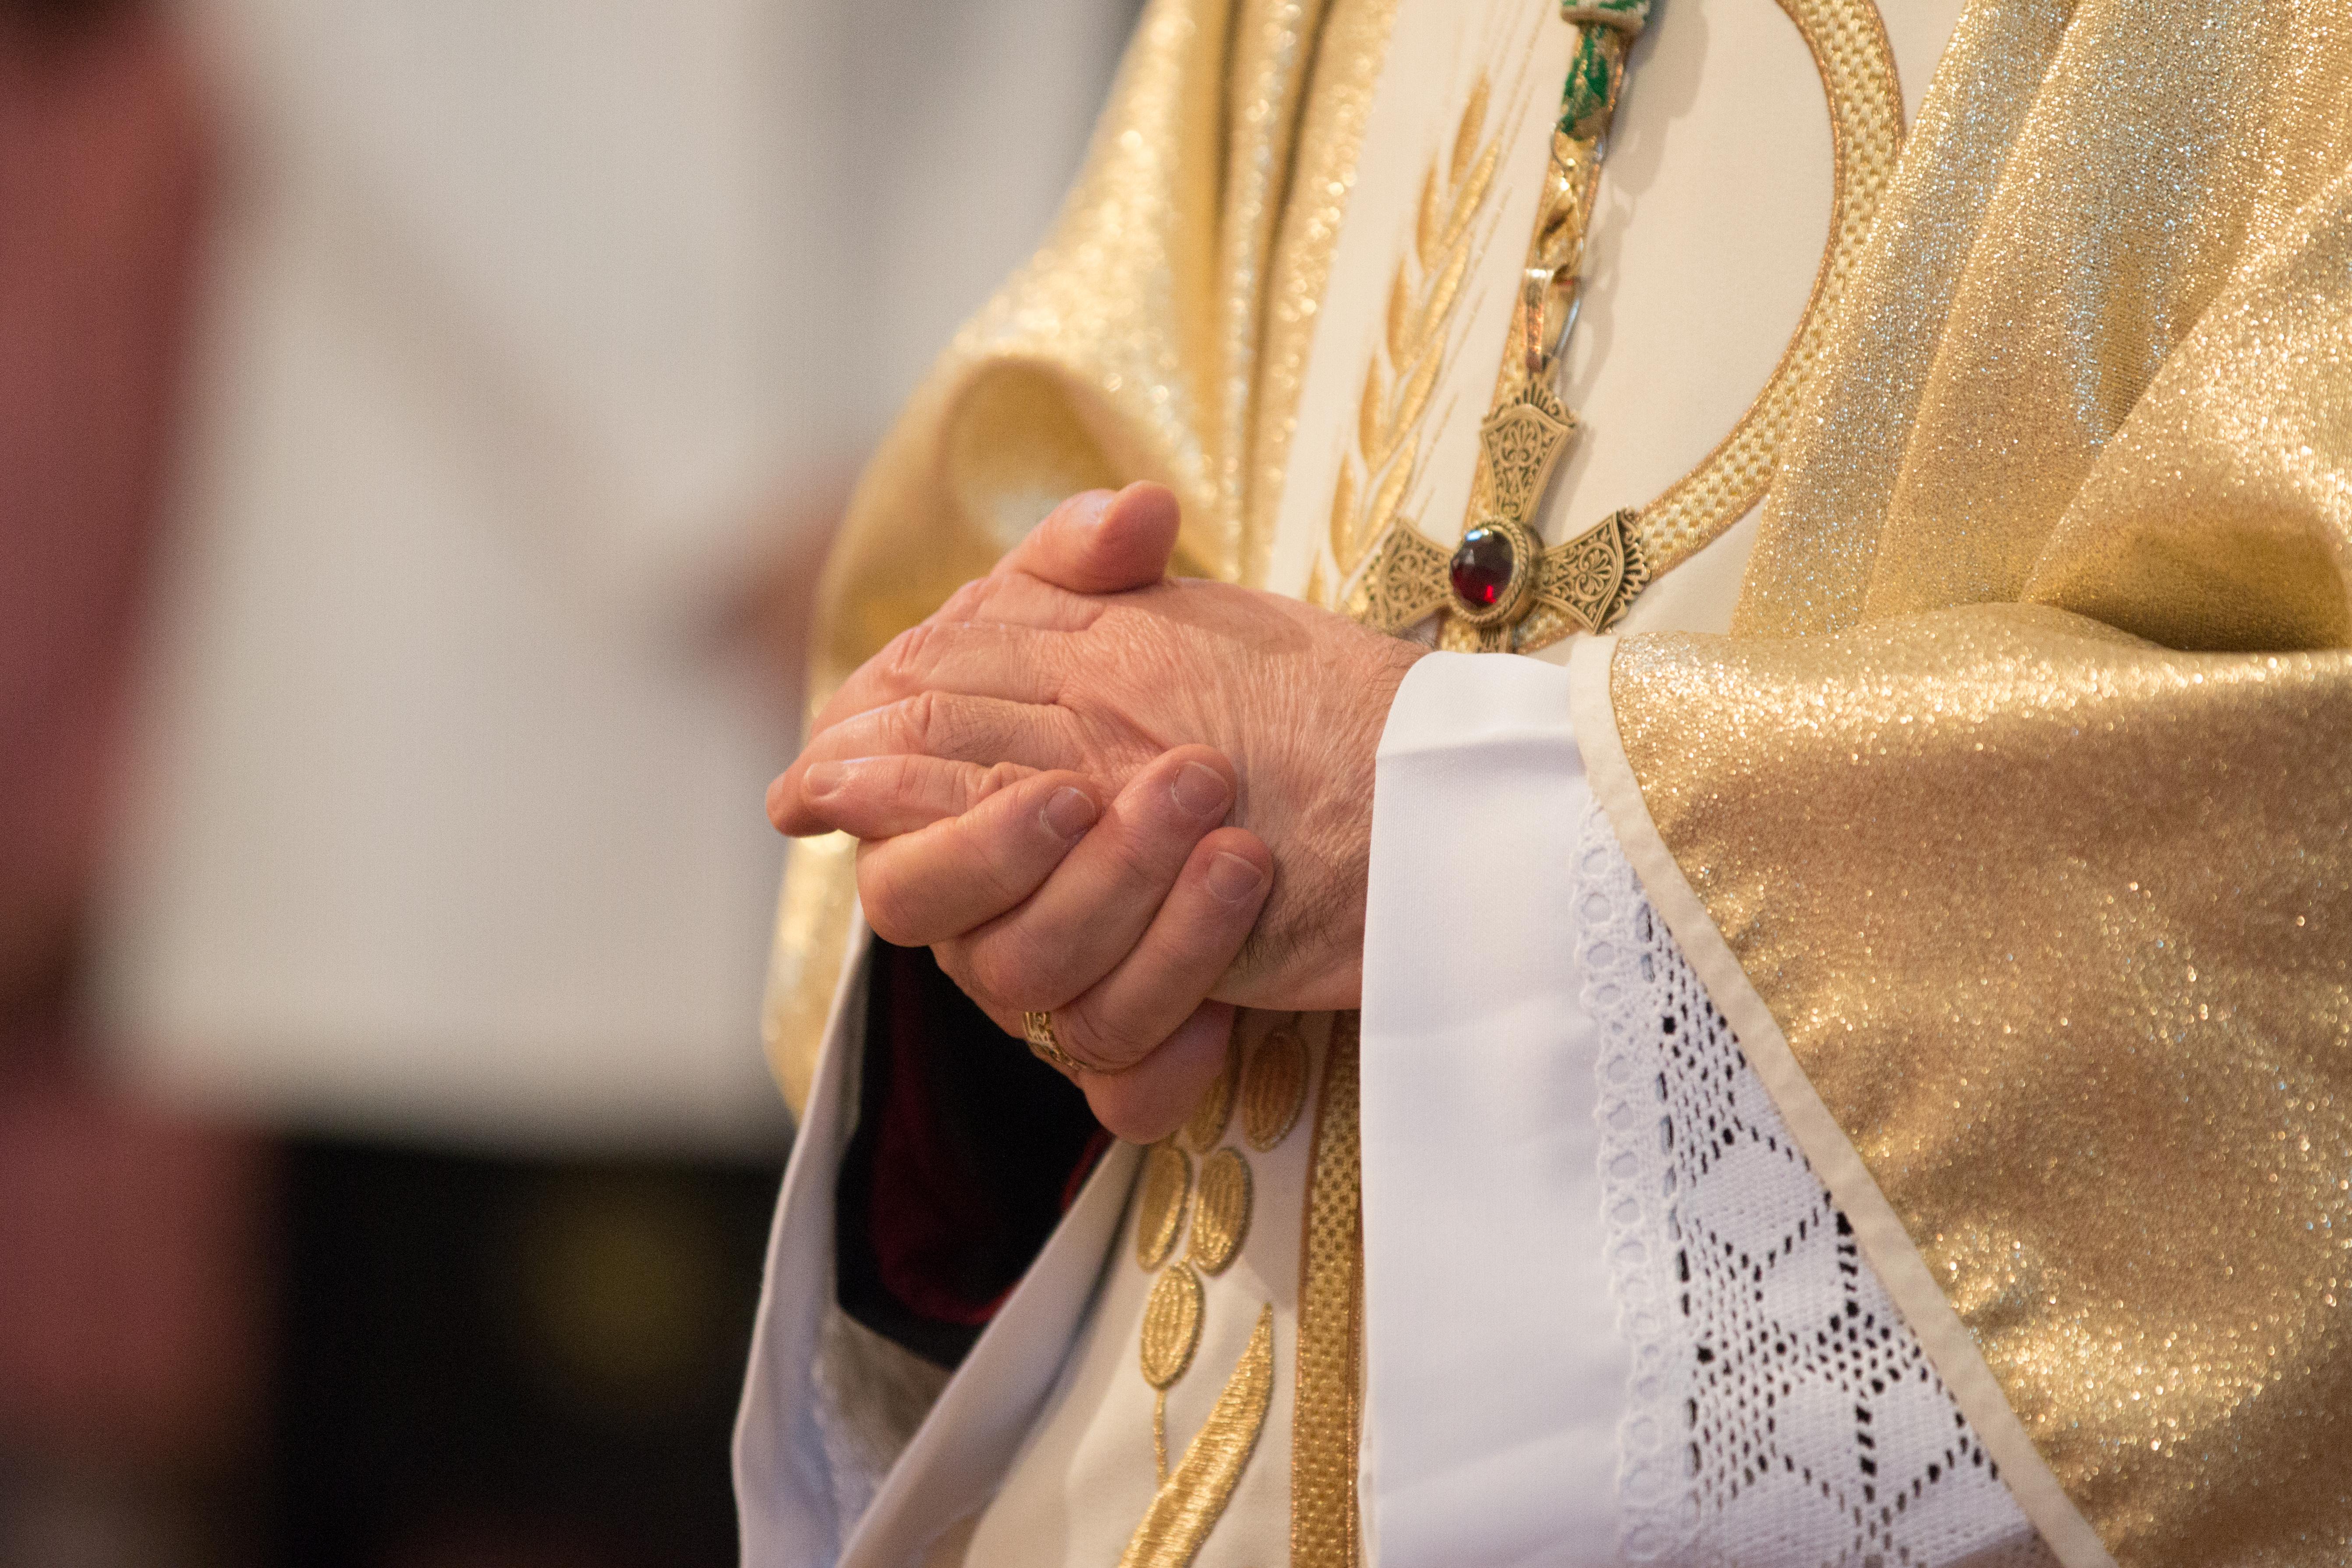 Papežovi už neradí obvinění kardinálové. Zokruhu svých nejbližších je vyloučil